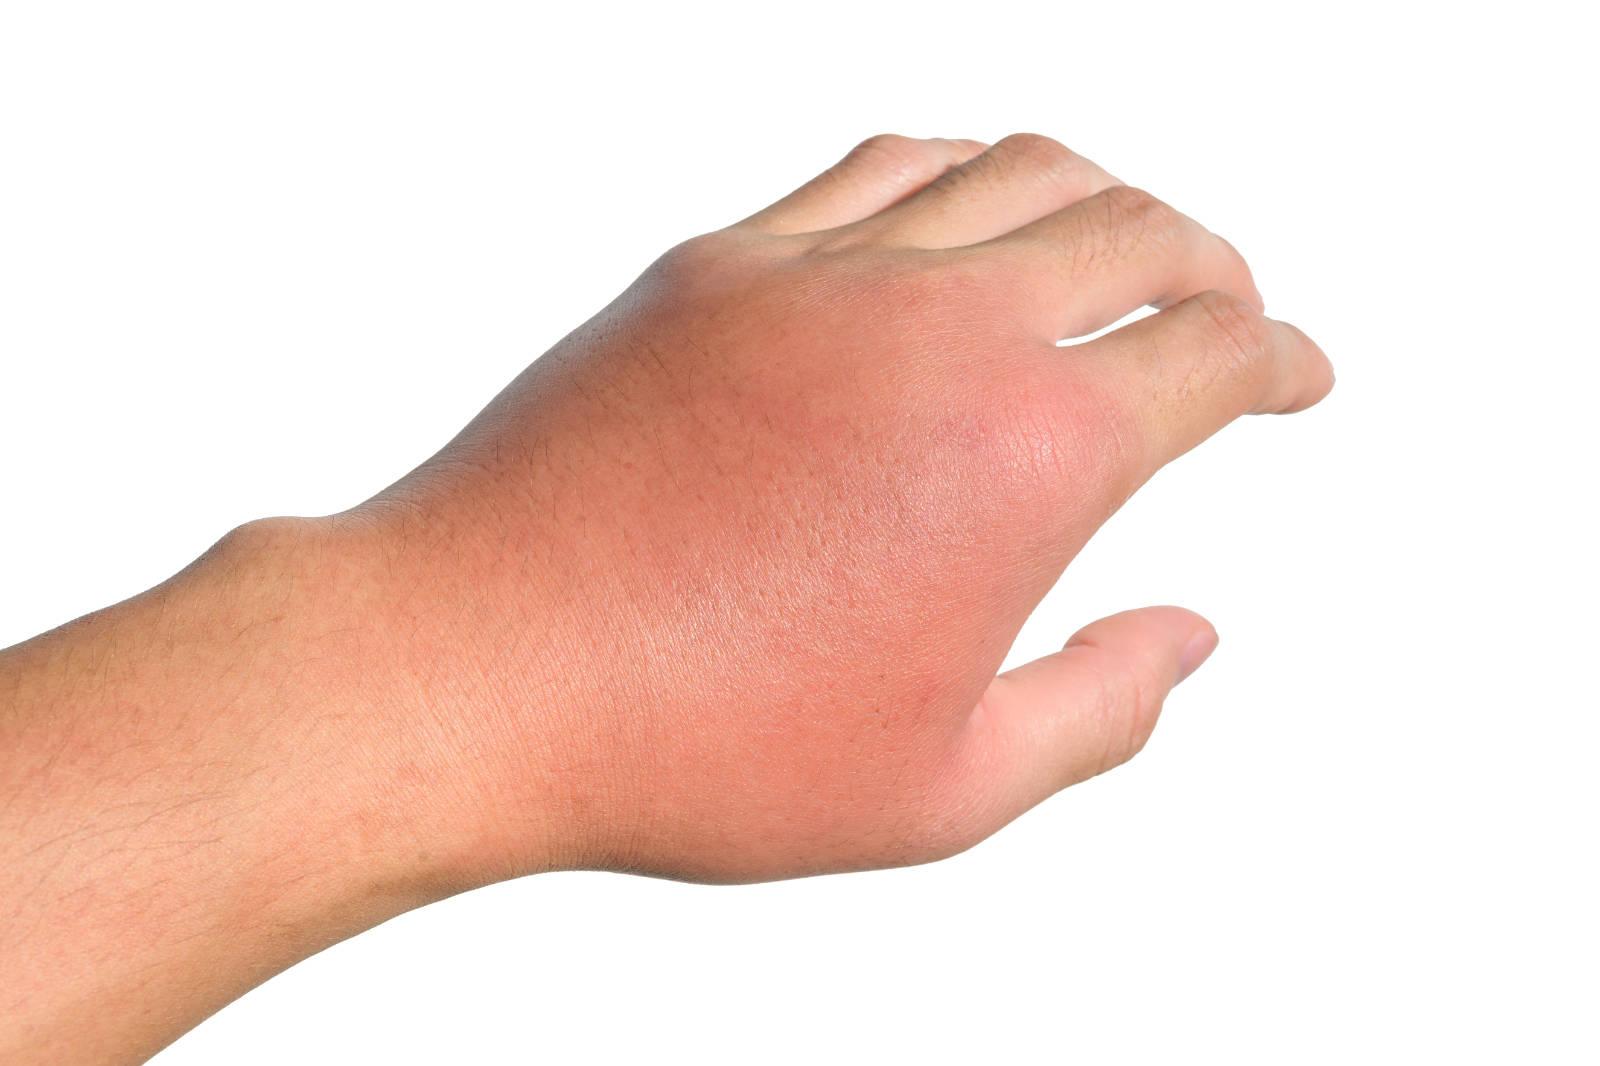 Ízületi gyulladáshoz társuló diffúz kézháti duzzanat, bőrpírral